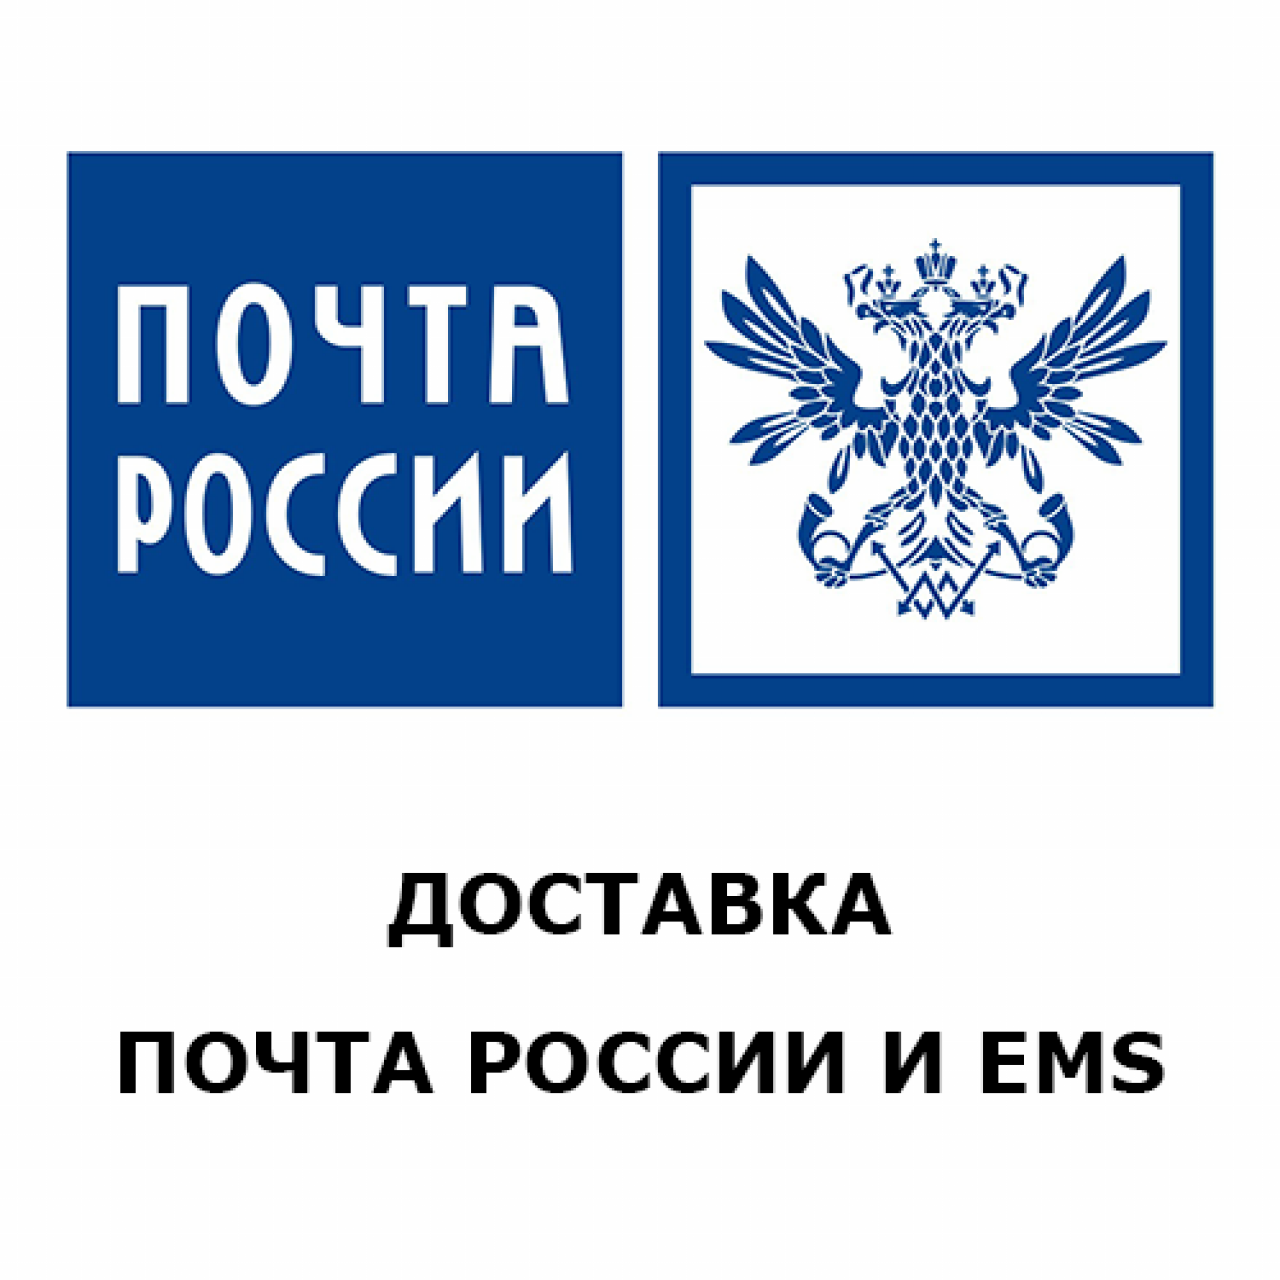 Opencart: Модуль доставки Почта России и EMS из категории Доставка для CMS OpenCart (ОпенКарт)